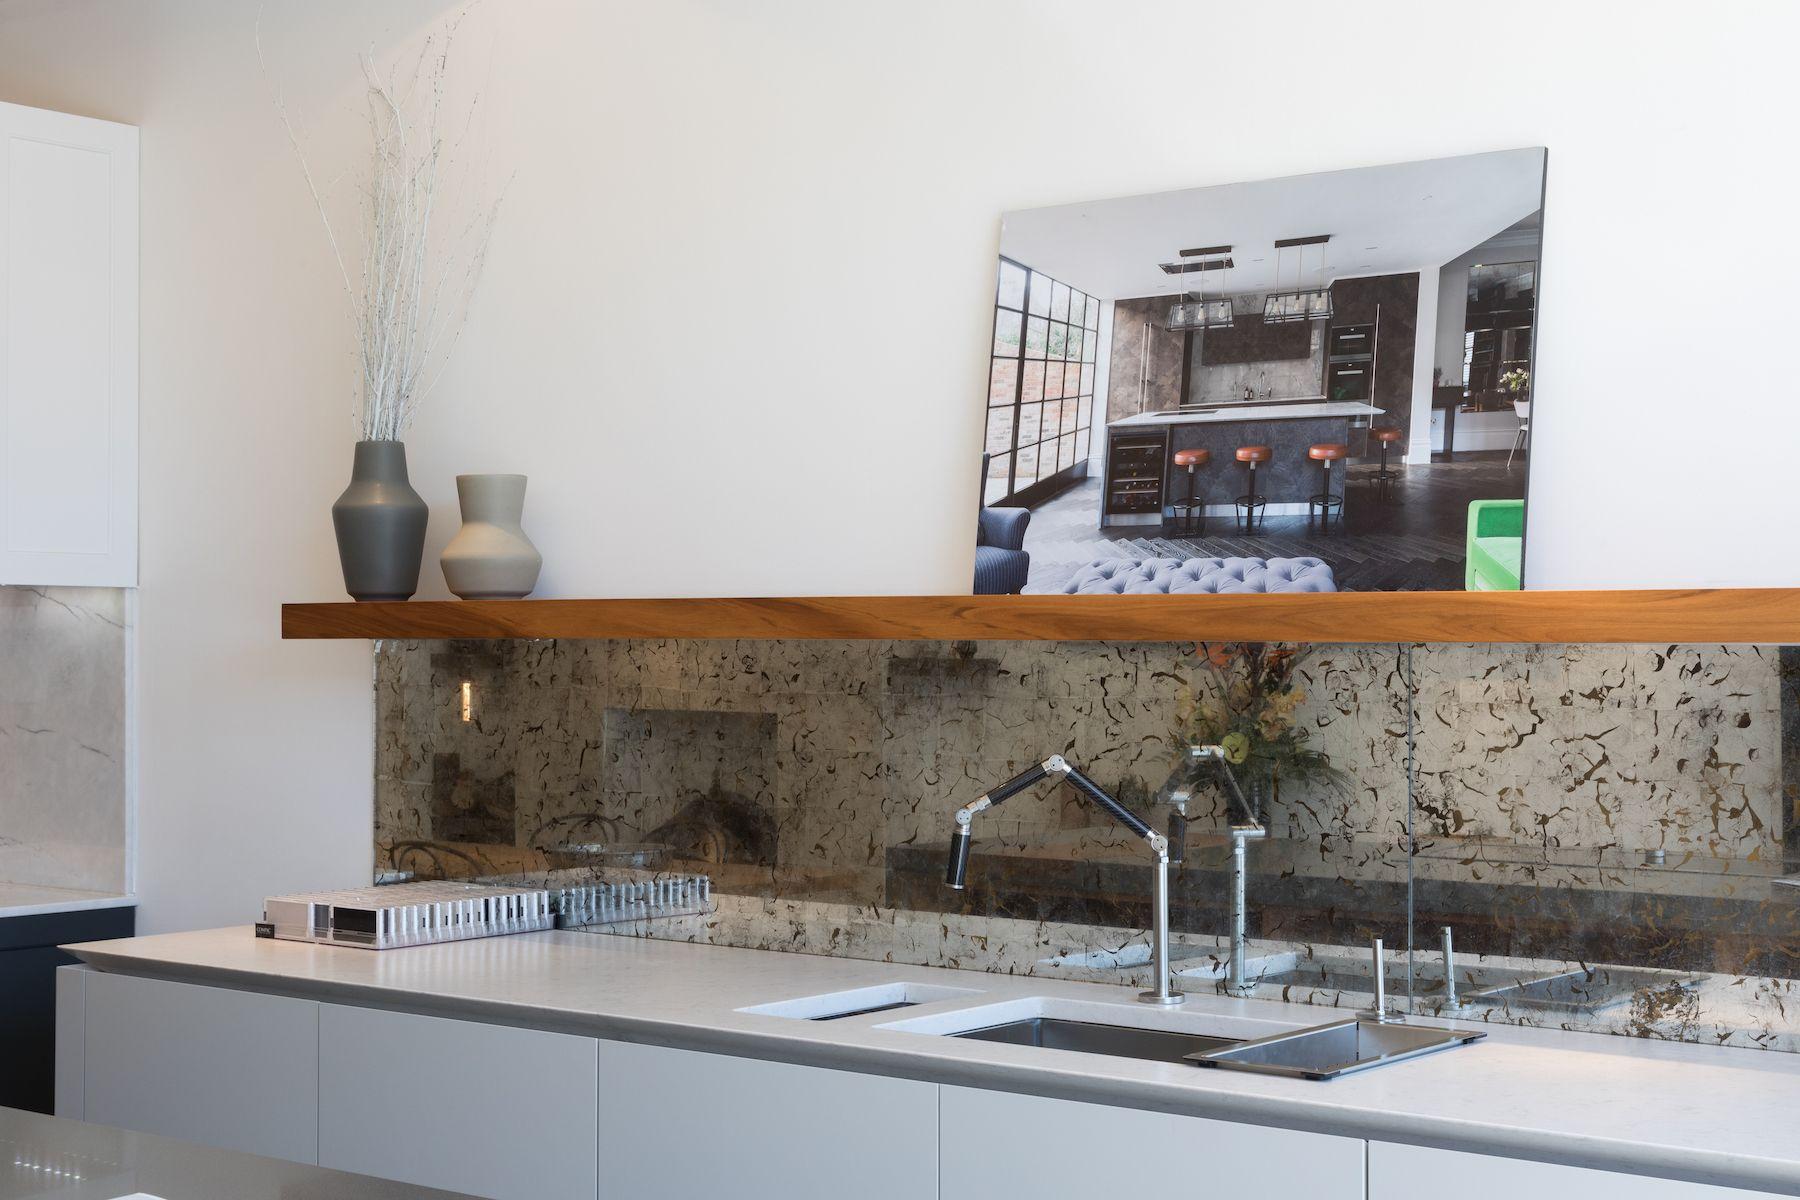 Bespoke kitchen design by neil norton design contemporary kitchen